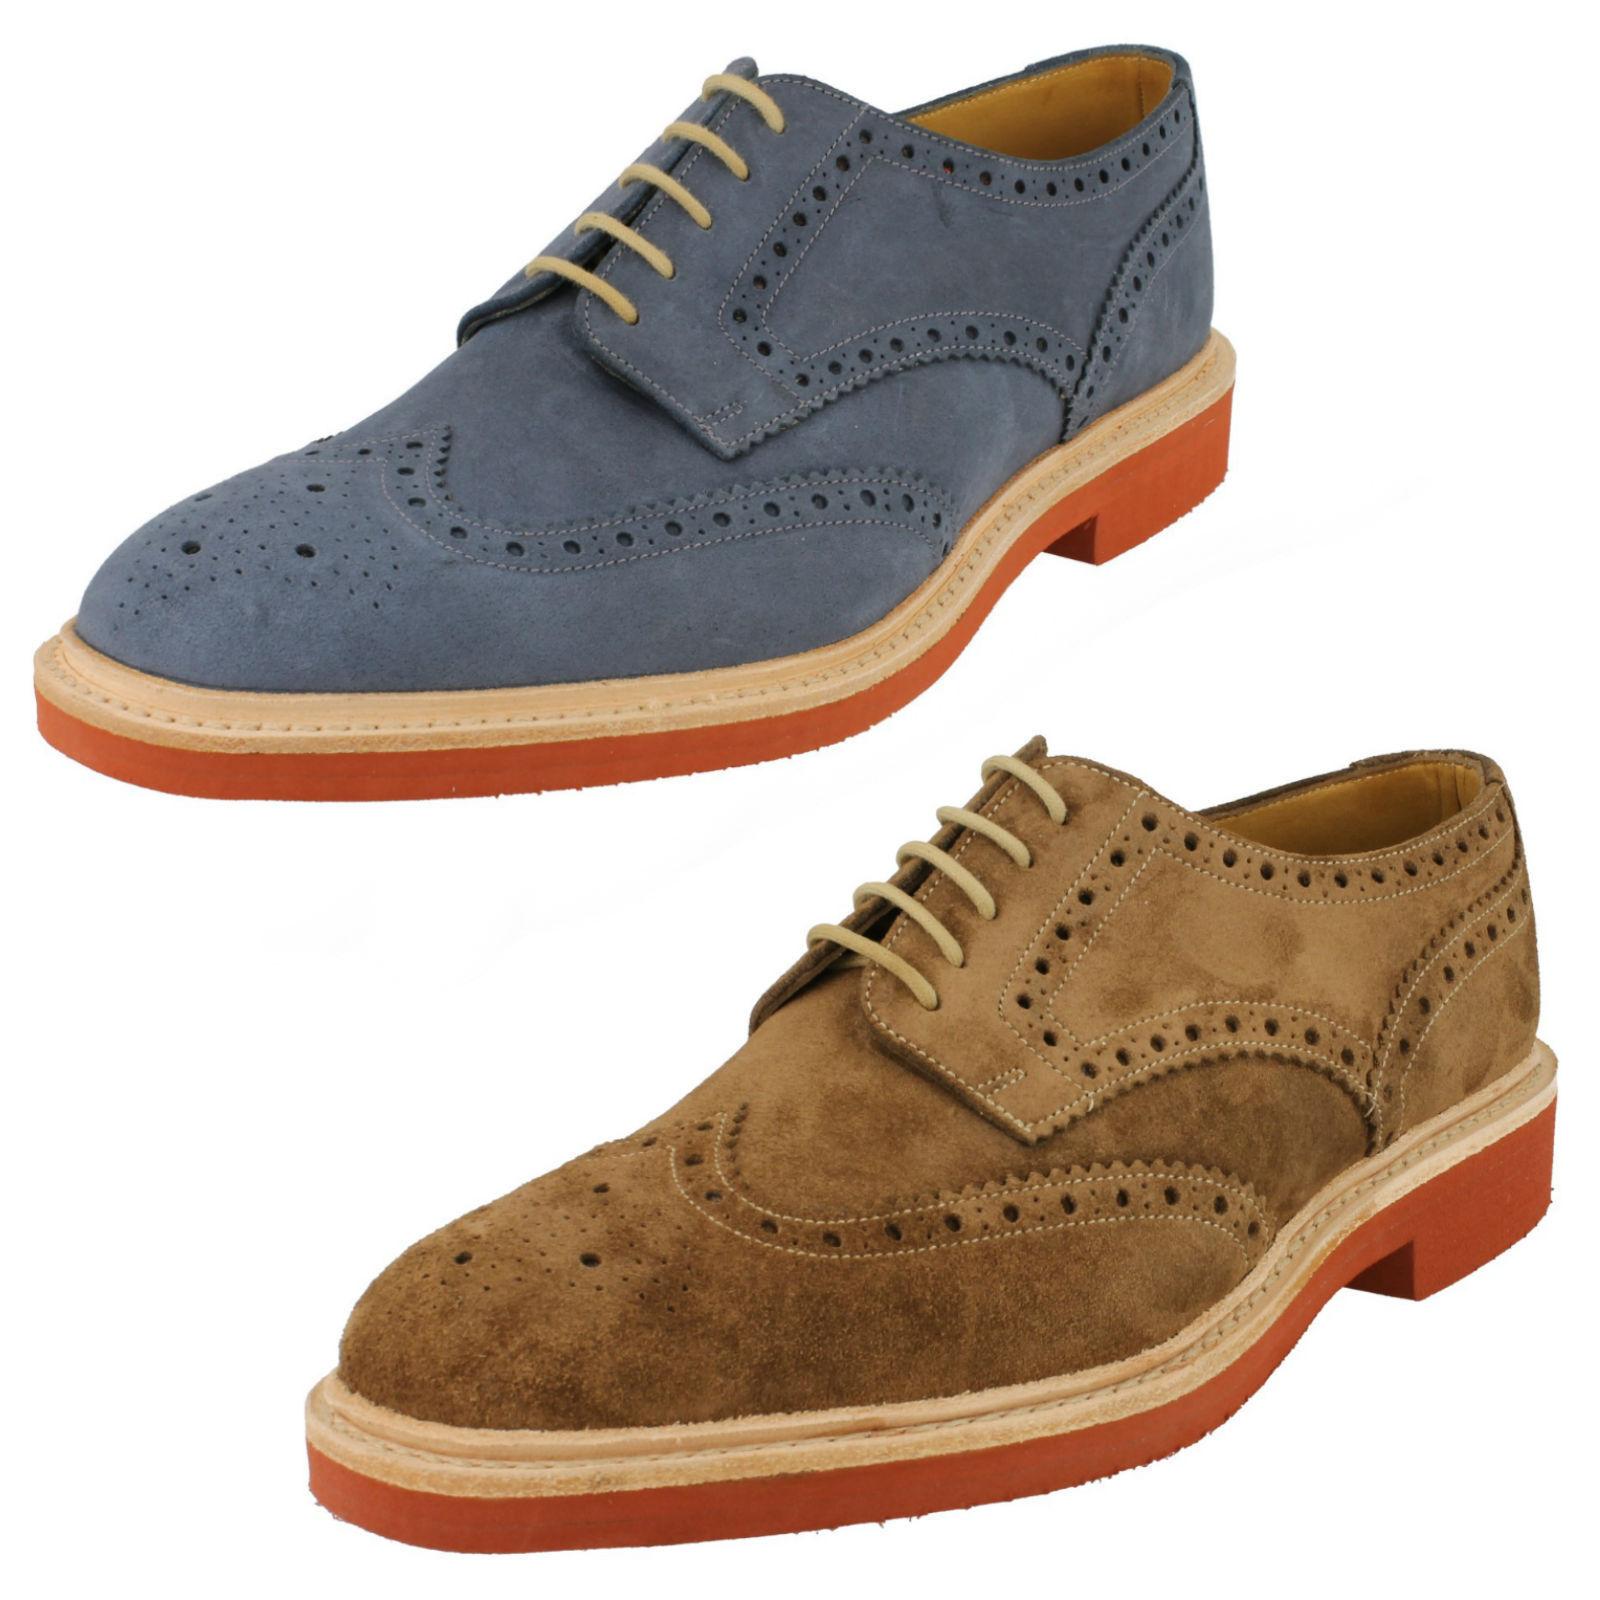 Loake Hombre Completo Zapato Oxford Casual con Cordones Engrasado de Cuero Ante